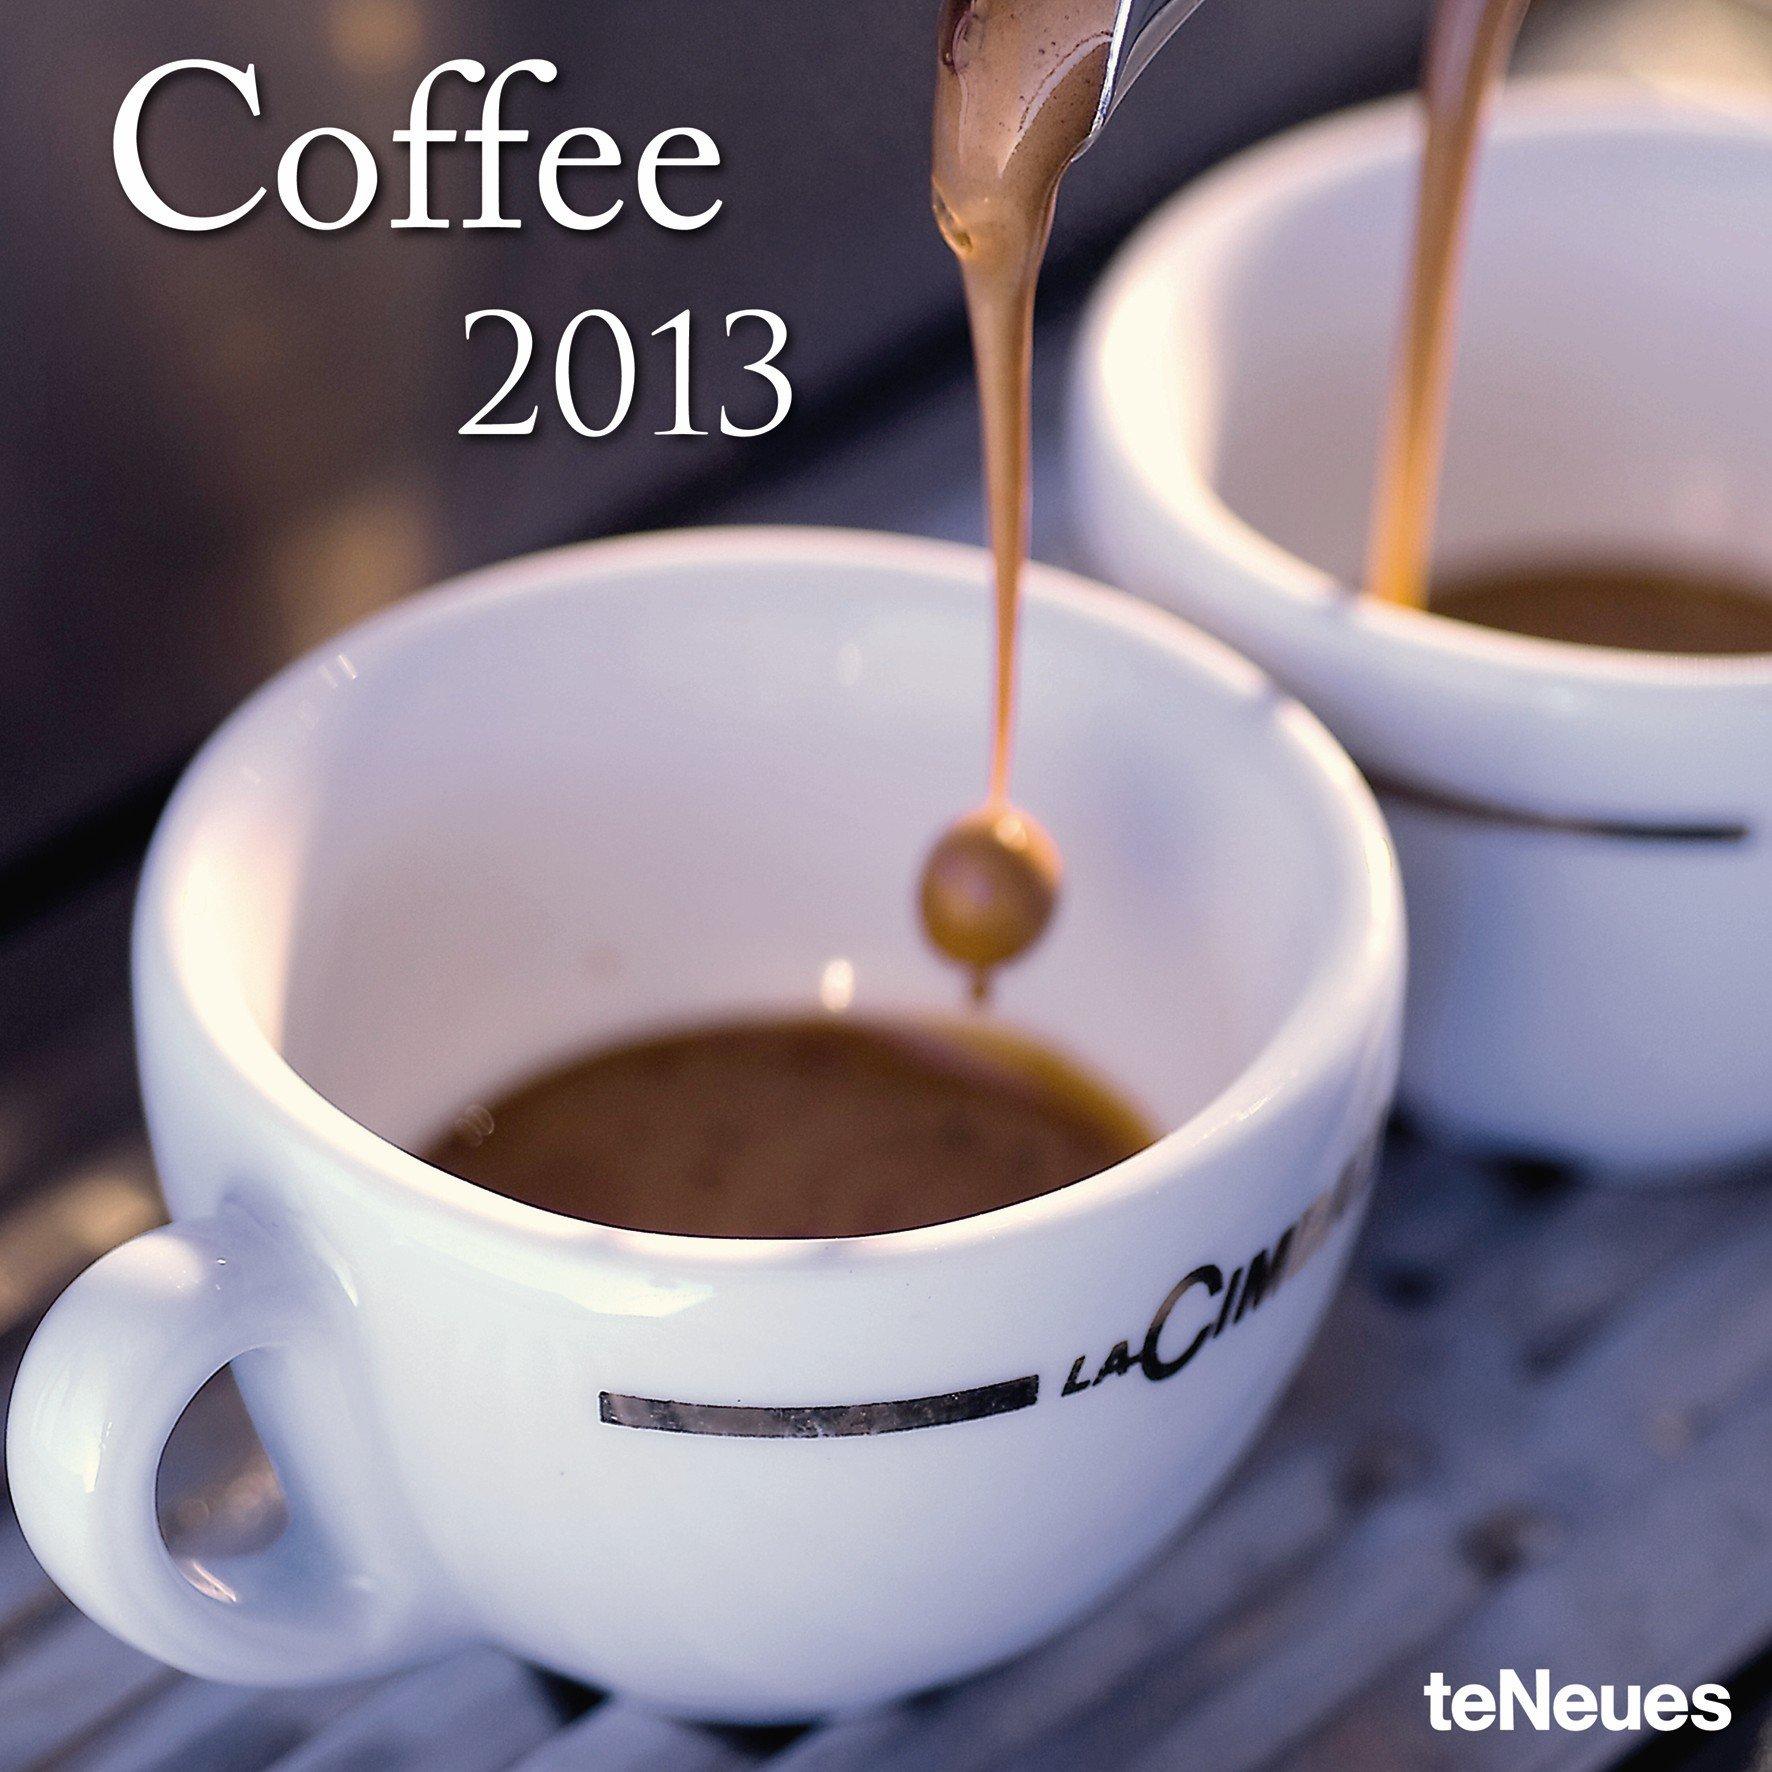 Coffee 2013